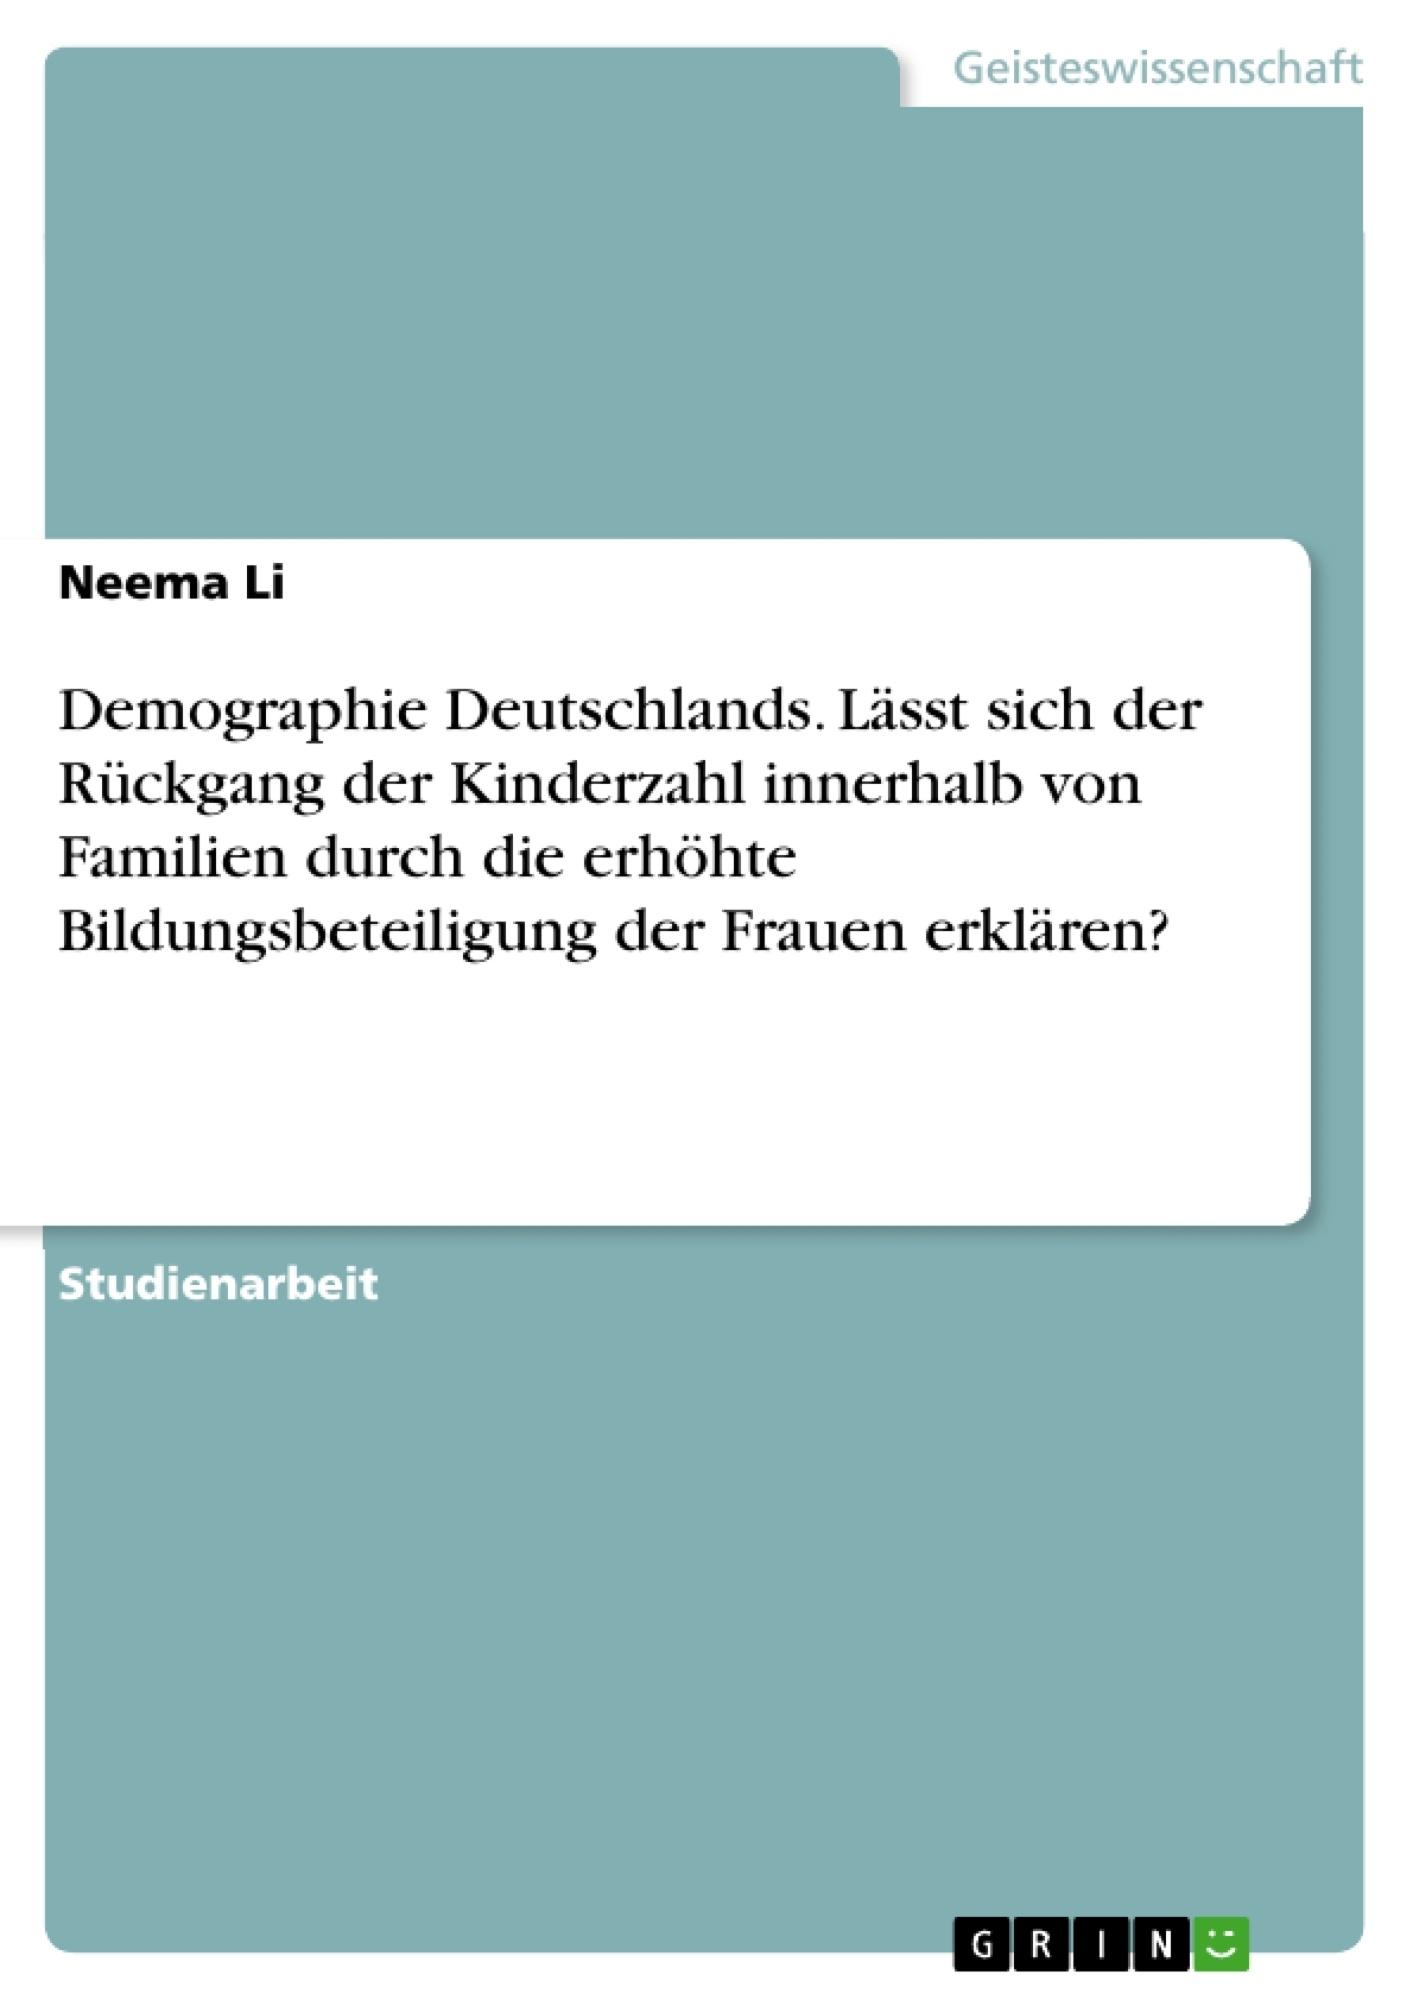 Titel: Demographie Deutschlands. Lässt sich der Rückgang der Kinderzahl innerhalb von Familien durch die erhöhte Bildungsbeteiligung der Frauen erklären?